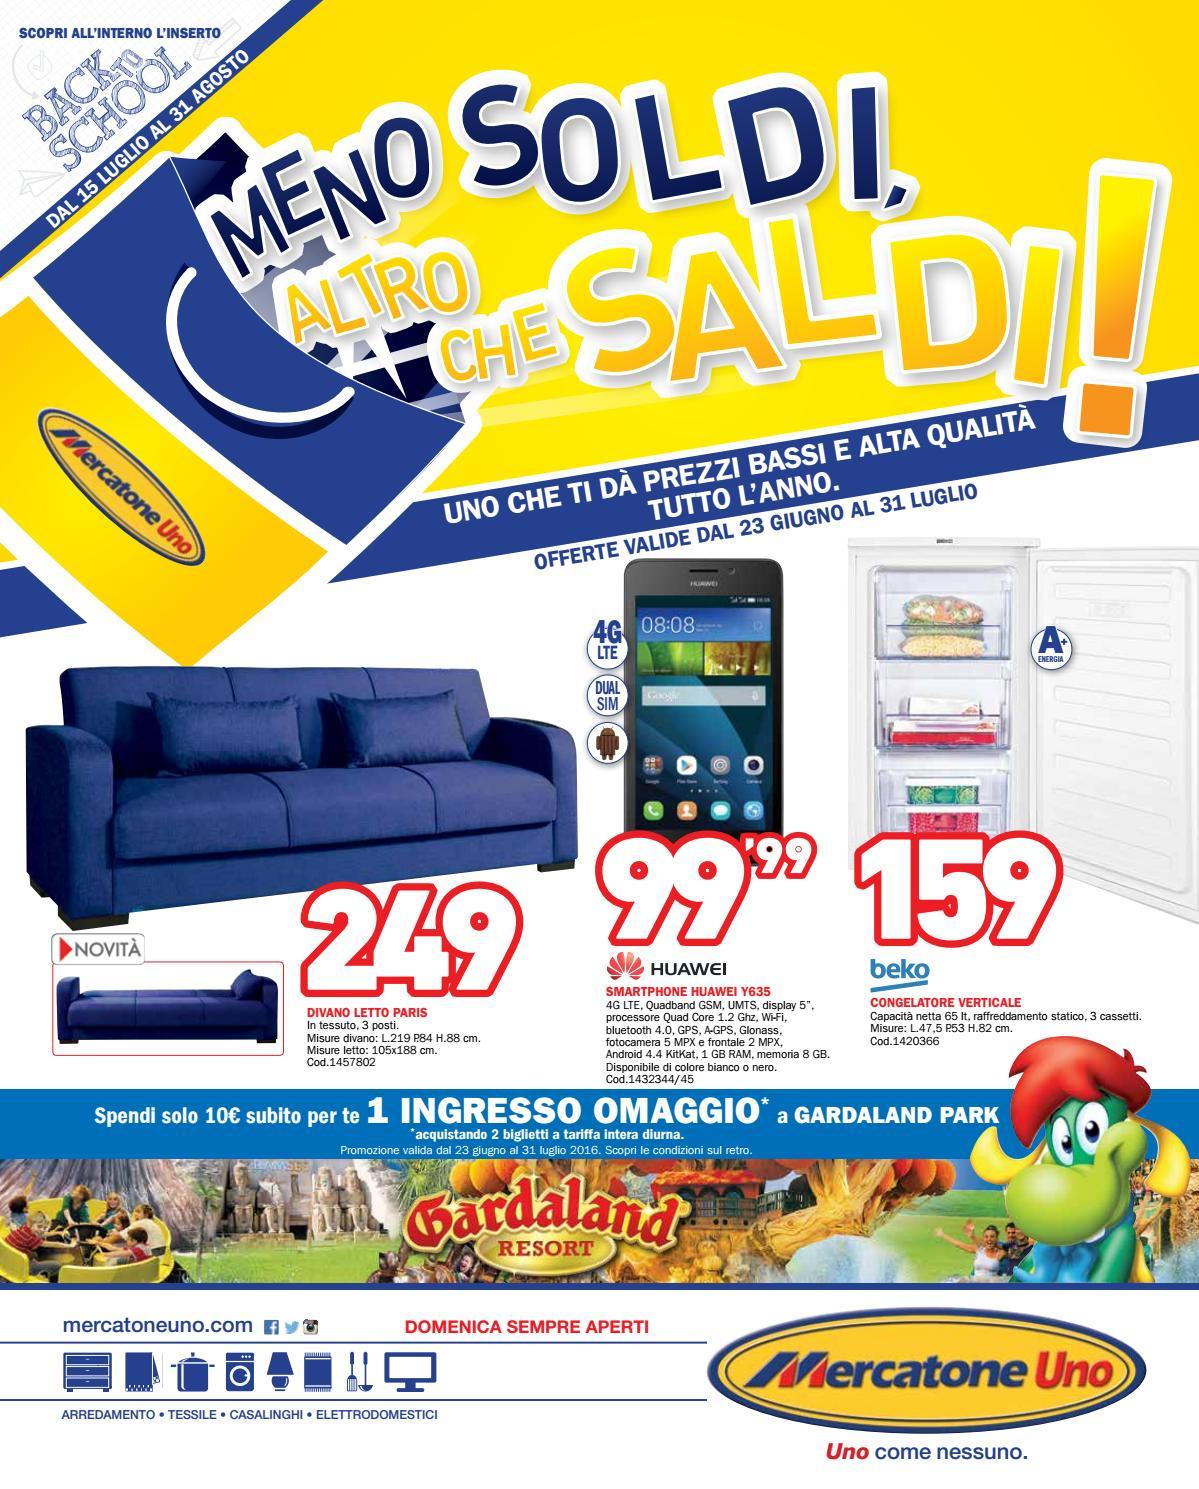 Mercatone uno catalogo giugno2016 by Mobilpro - issuu